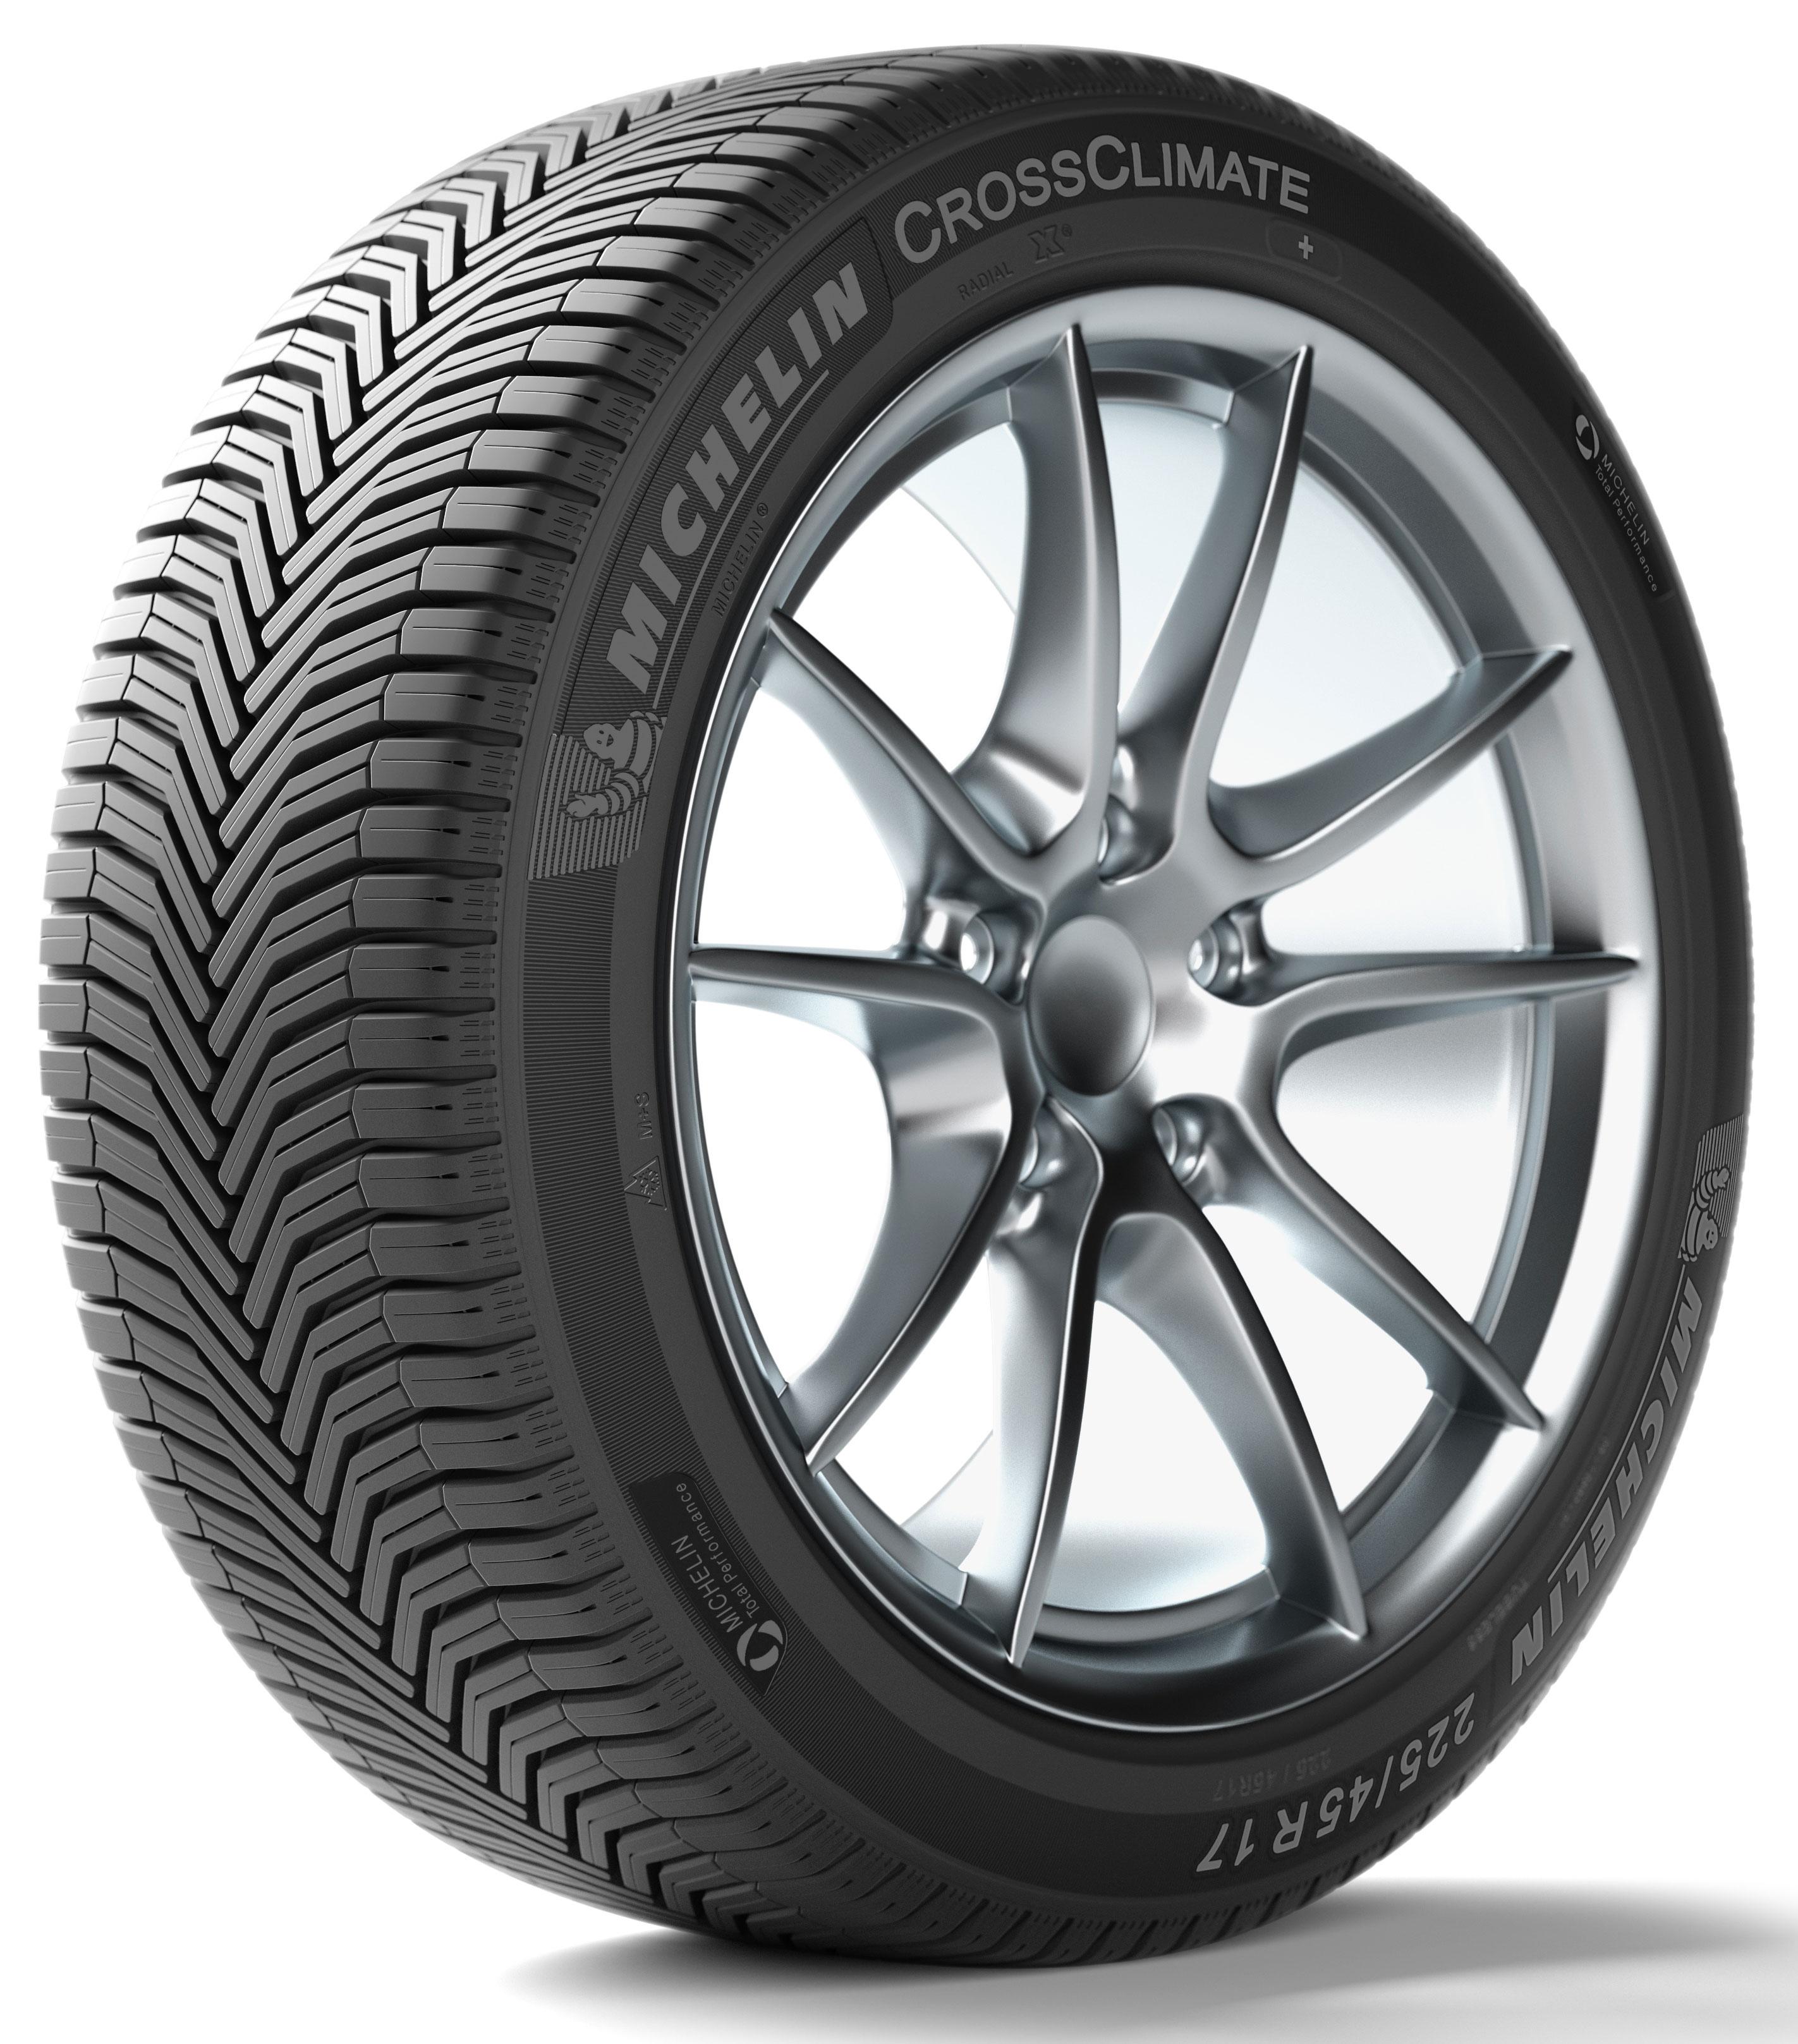 Michelin Crossclimate+ XL 245/40 R18 97Y négyévszakos gumi